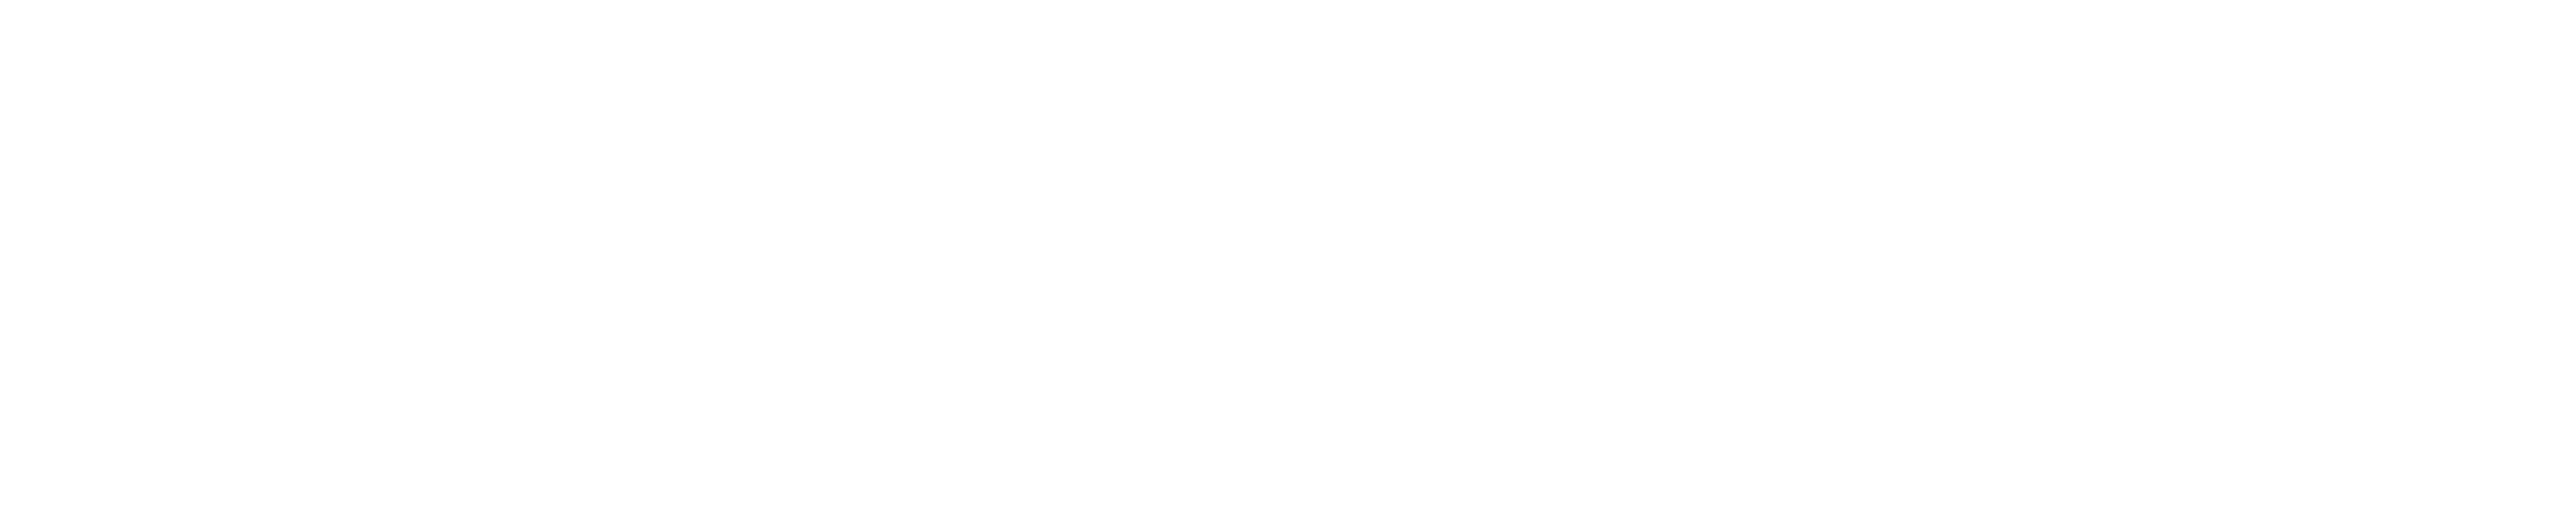 LARKSPUR COTTAGE